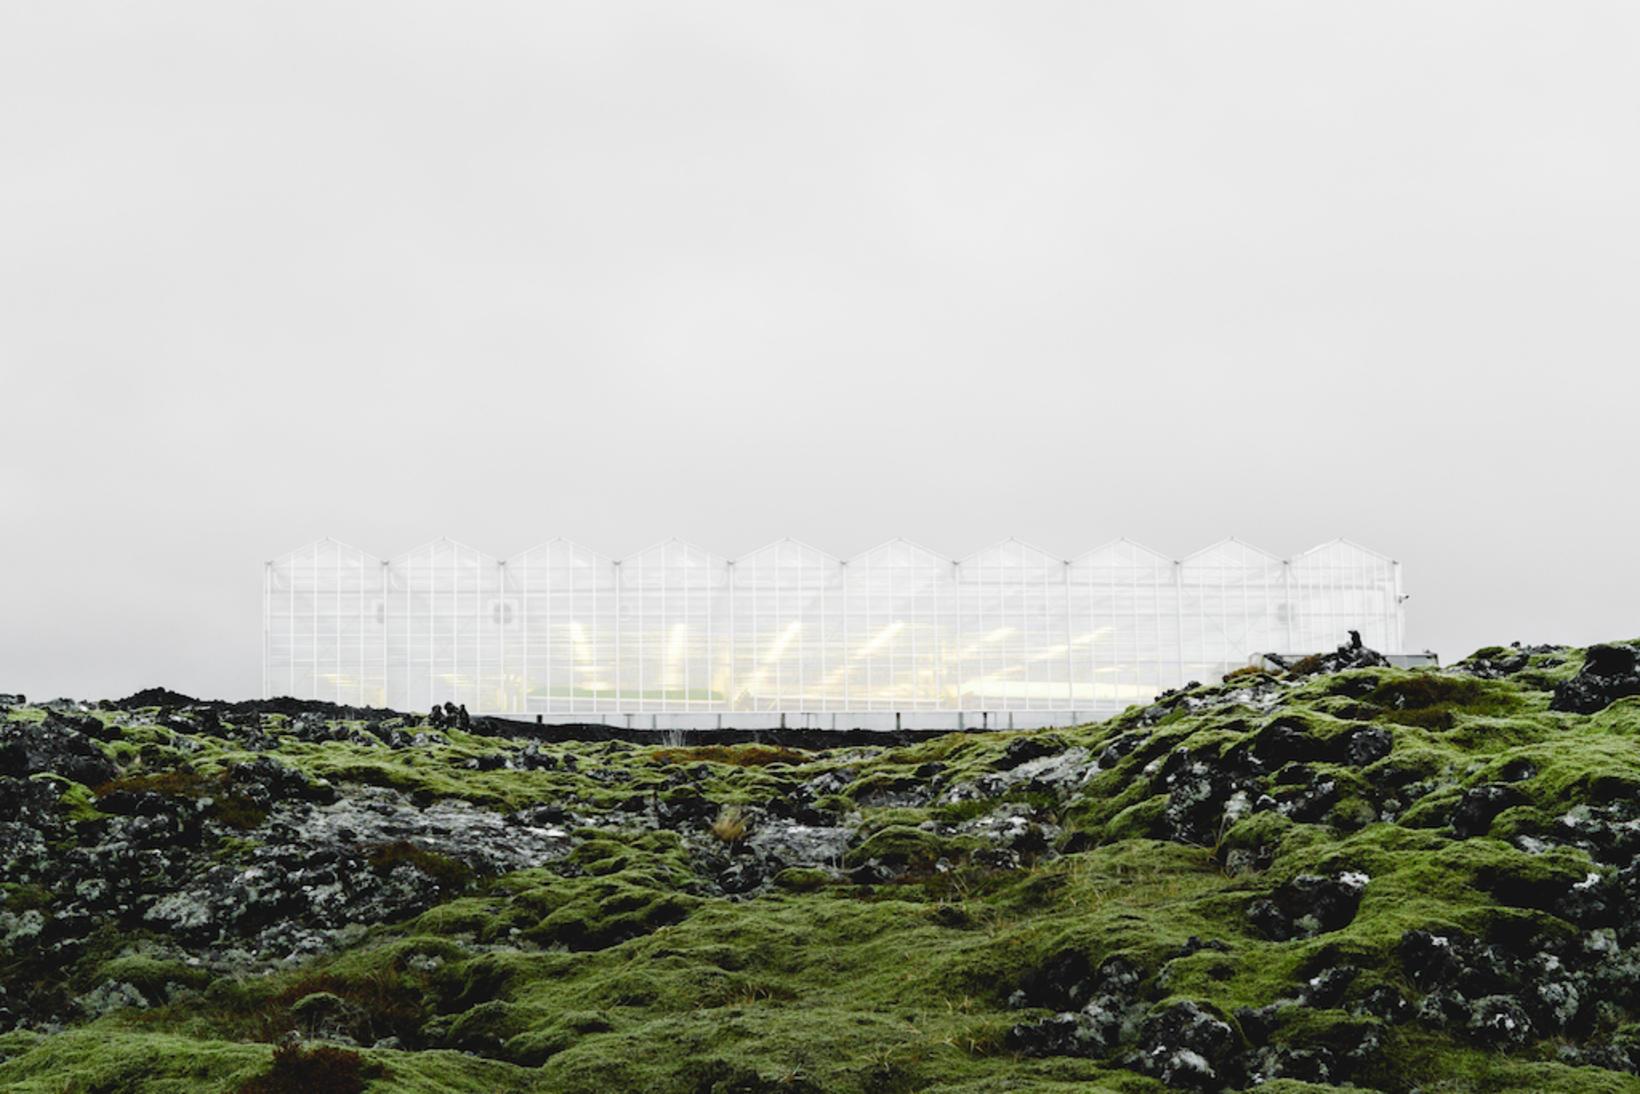 Gestastofa í Grænu smiðju ORF Líftækni í Grindavík.